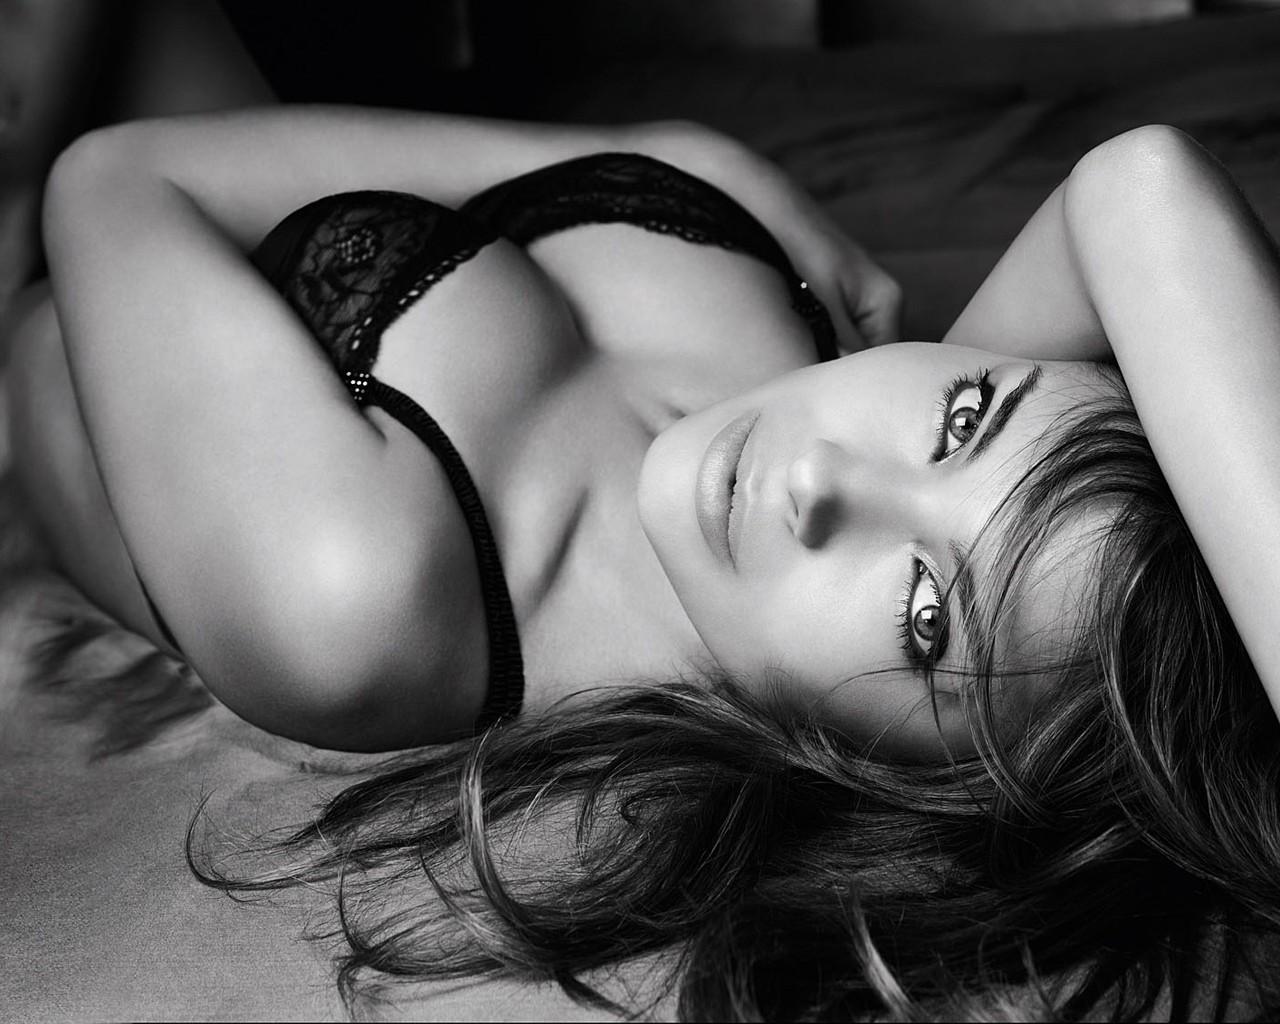 этот раз фото сексуально манящей женщины васьдебараном назвать